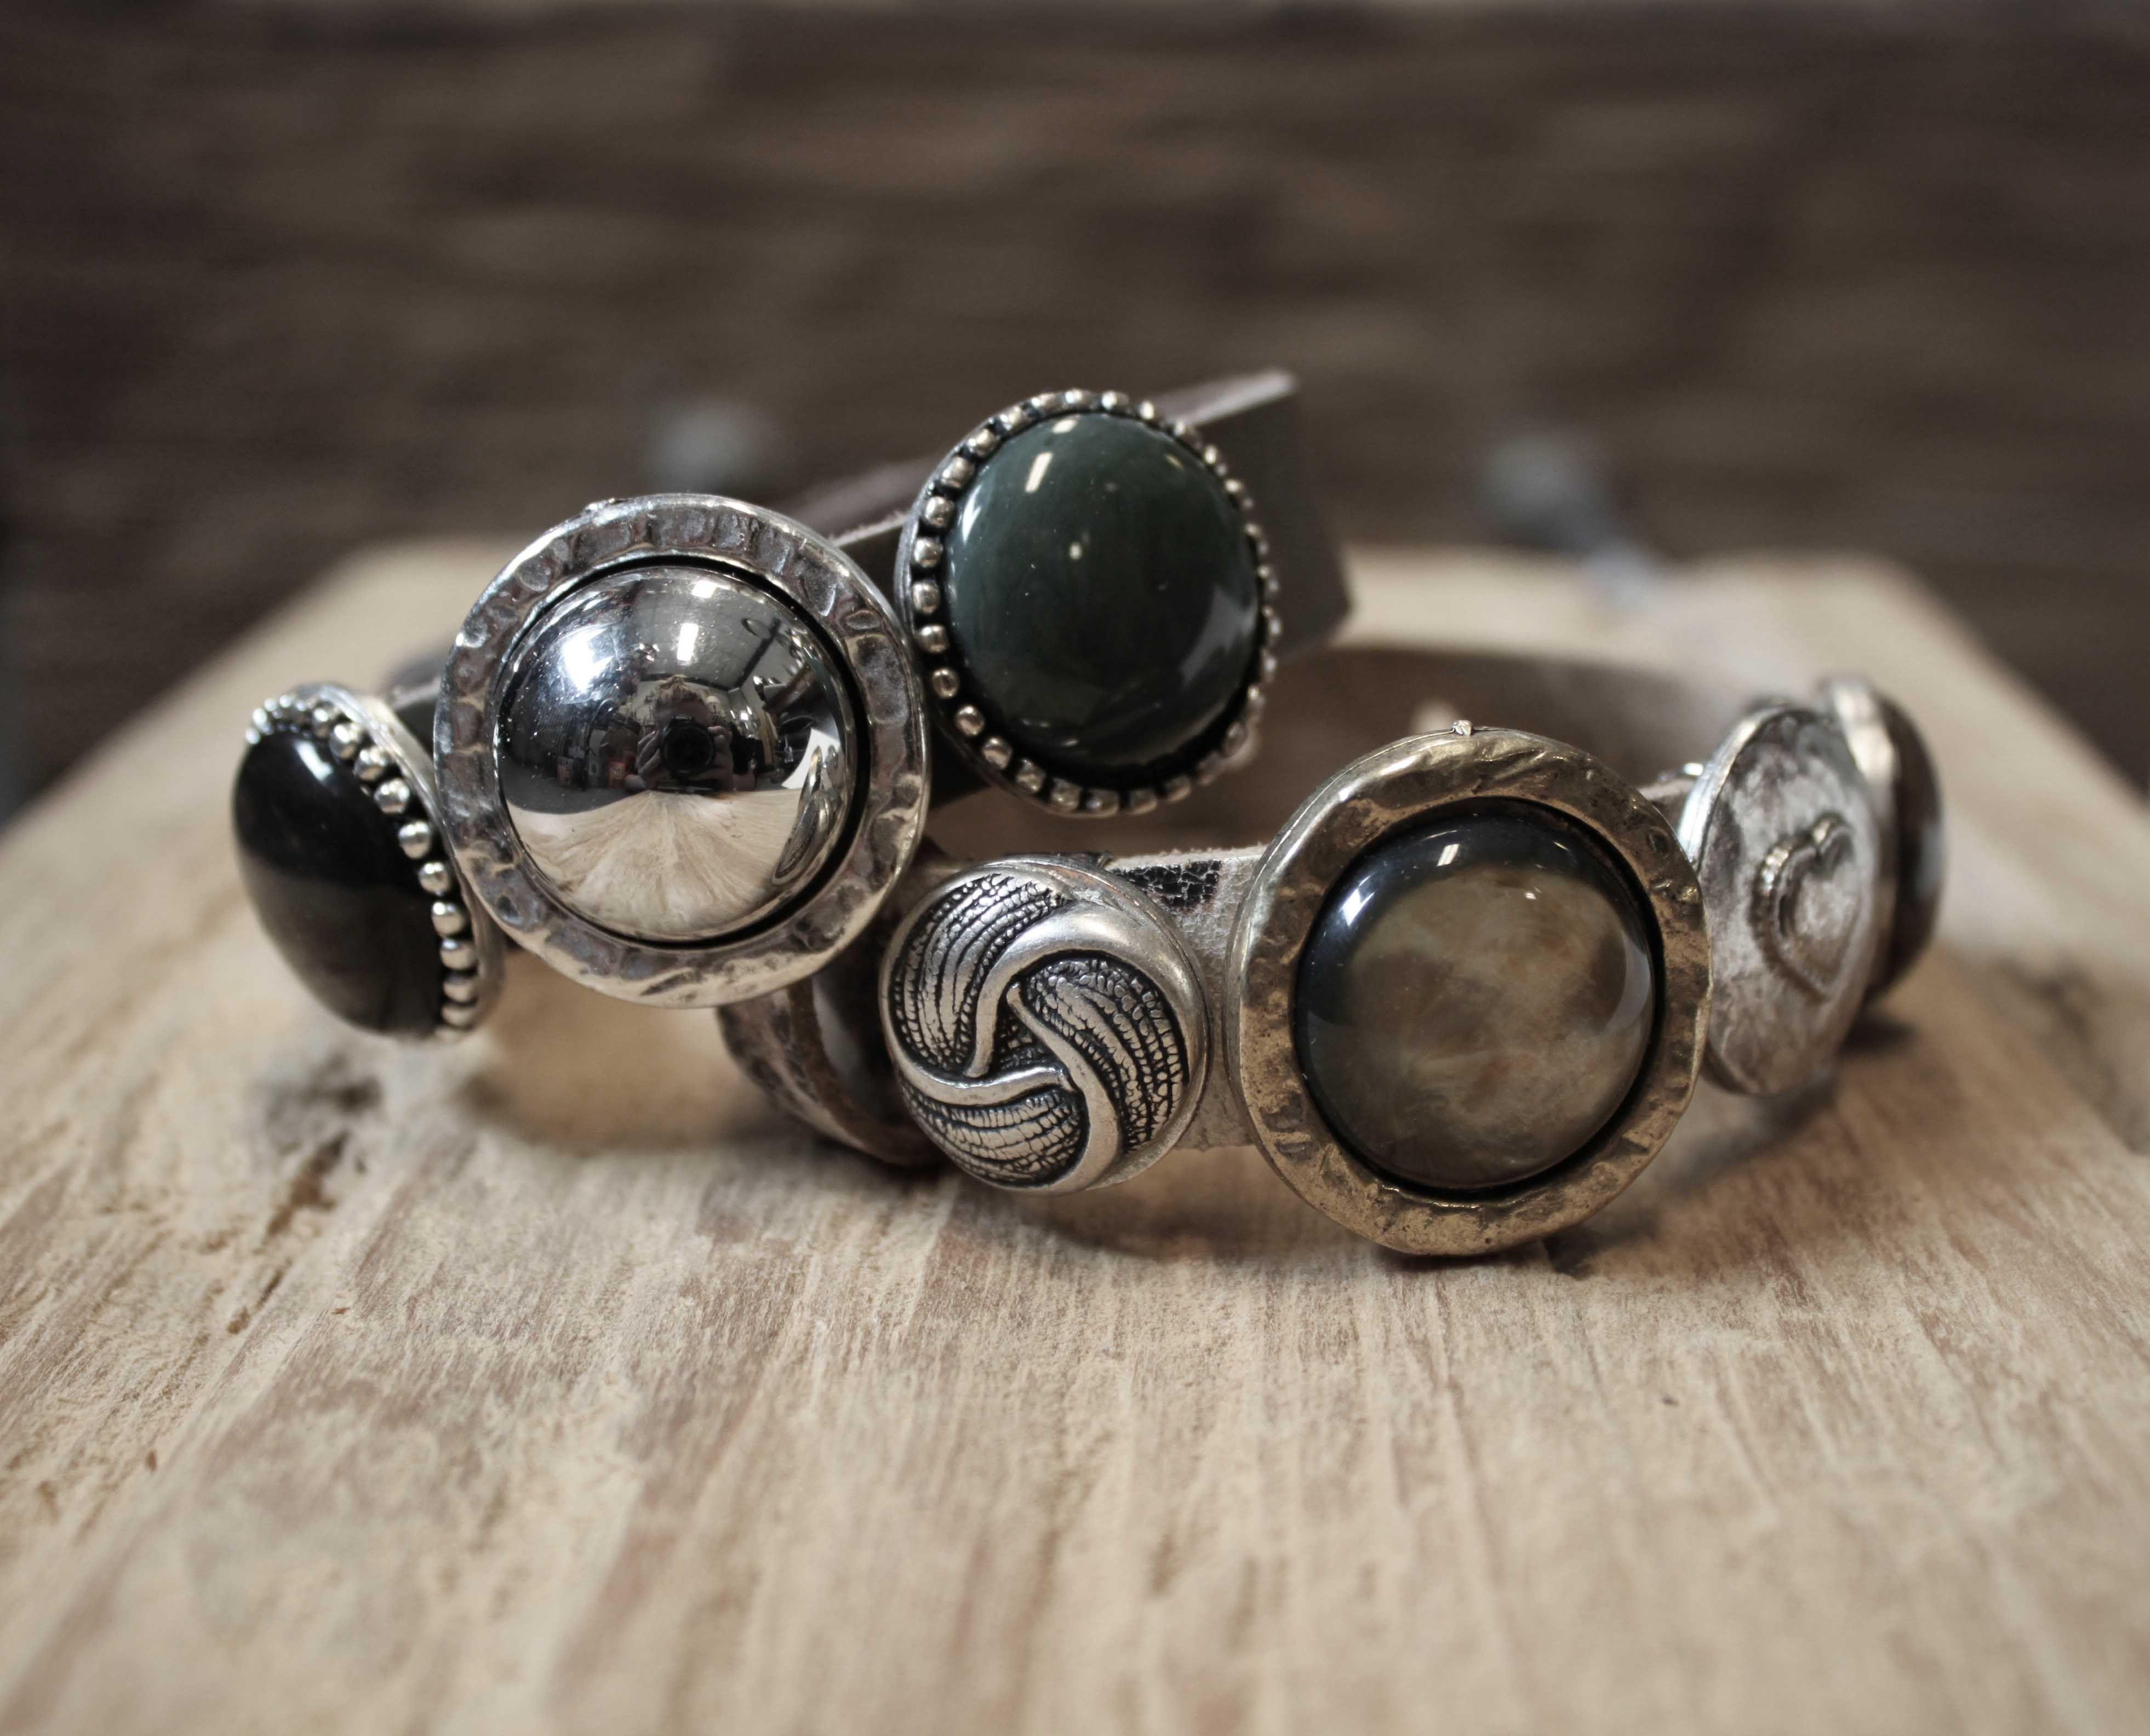 Sari armbanden | Sari bracelets, fotografie voor De Slaaphoek